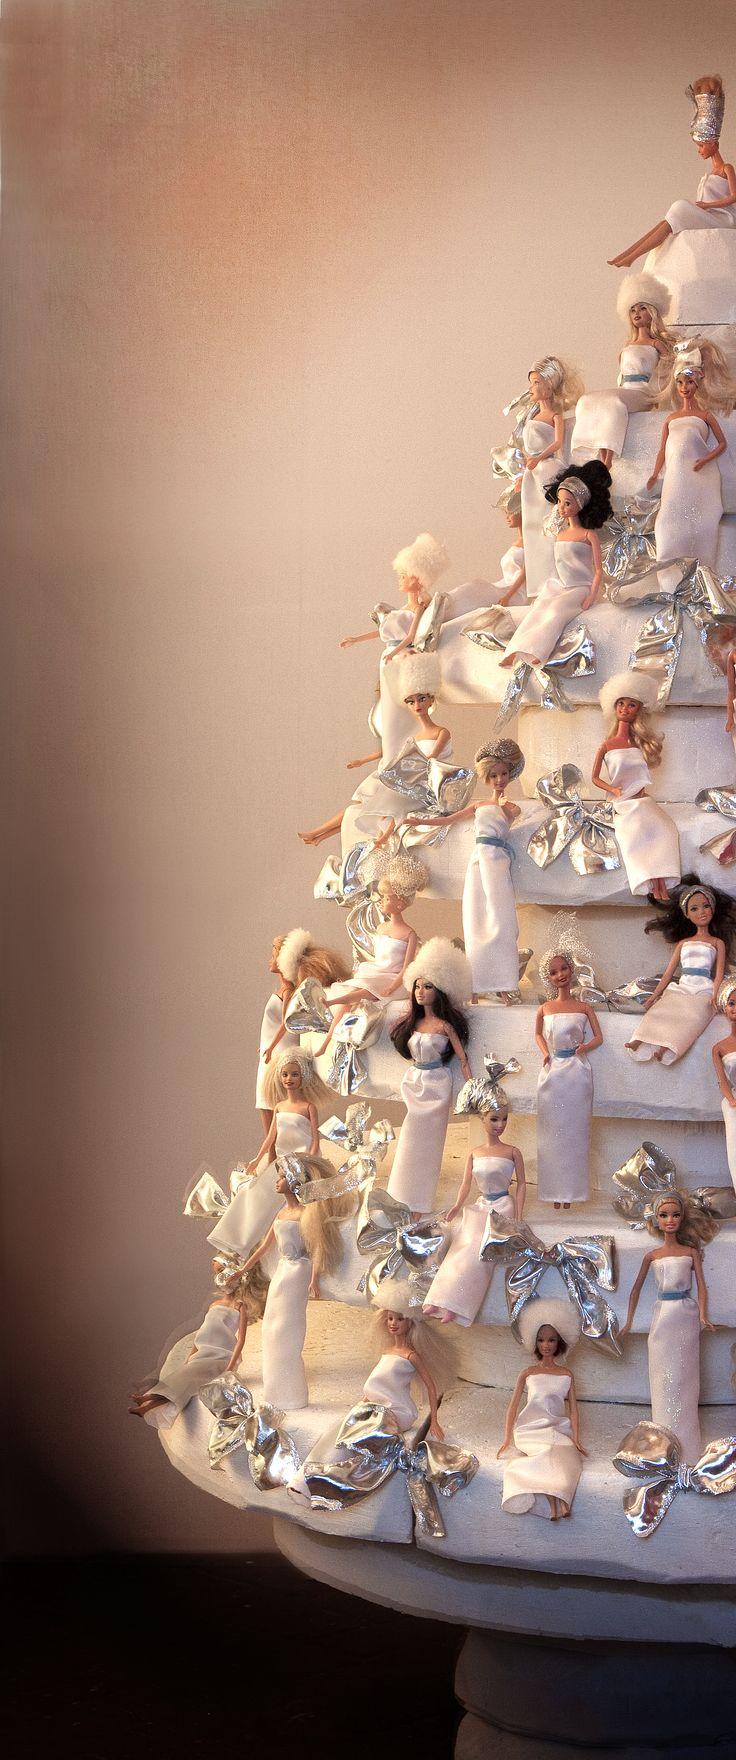 Il nostro Albero di Natale 2013 fatto da 230 Barbie che il mondo ci ha donato per realizzare questa installazione che poi abbiamo donato a Dynamo Camp